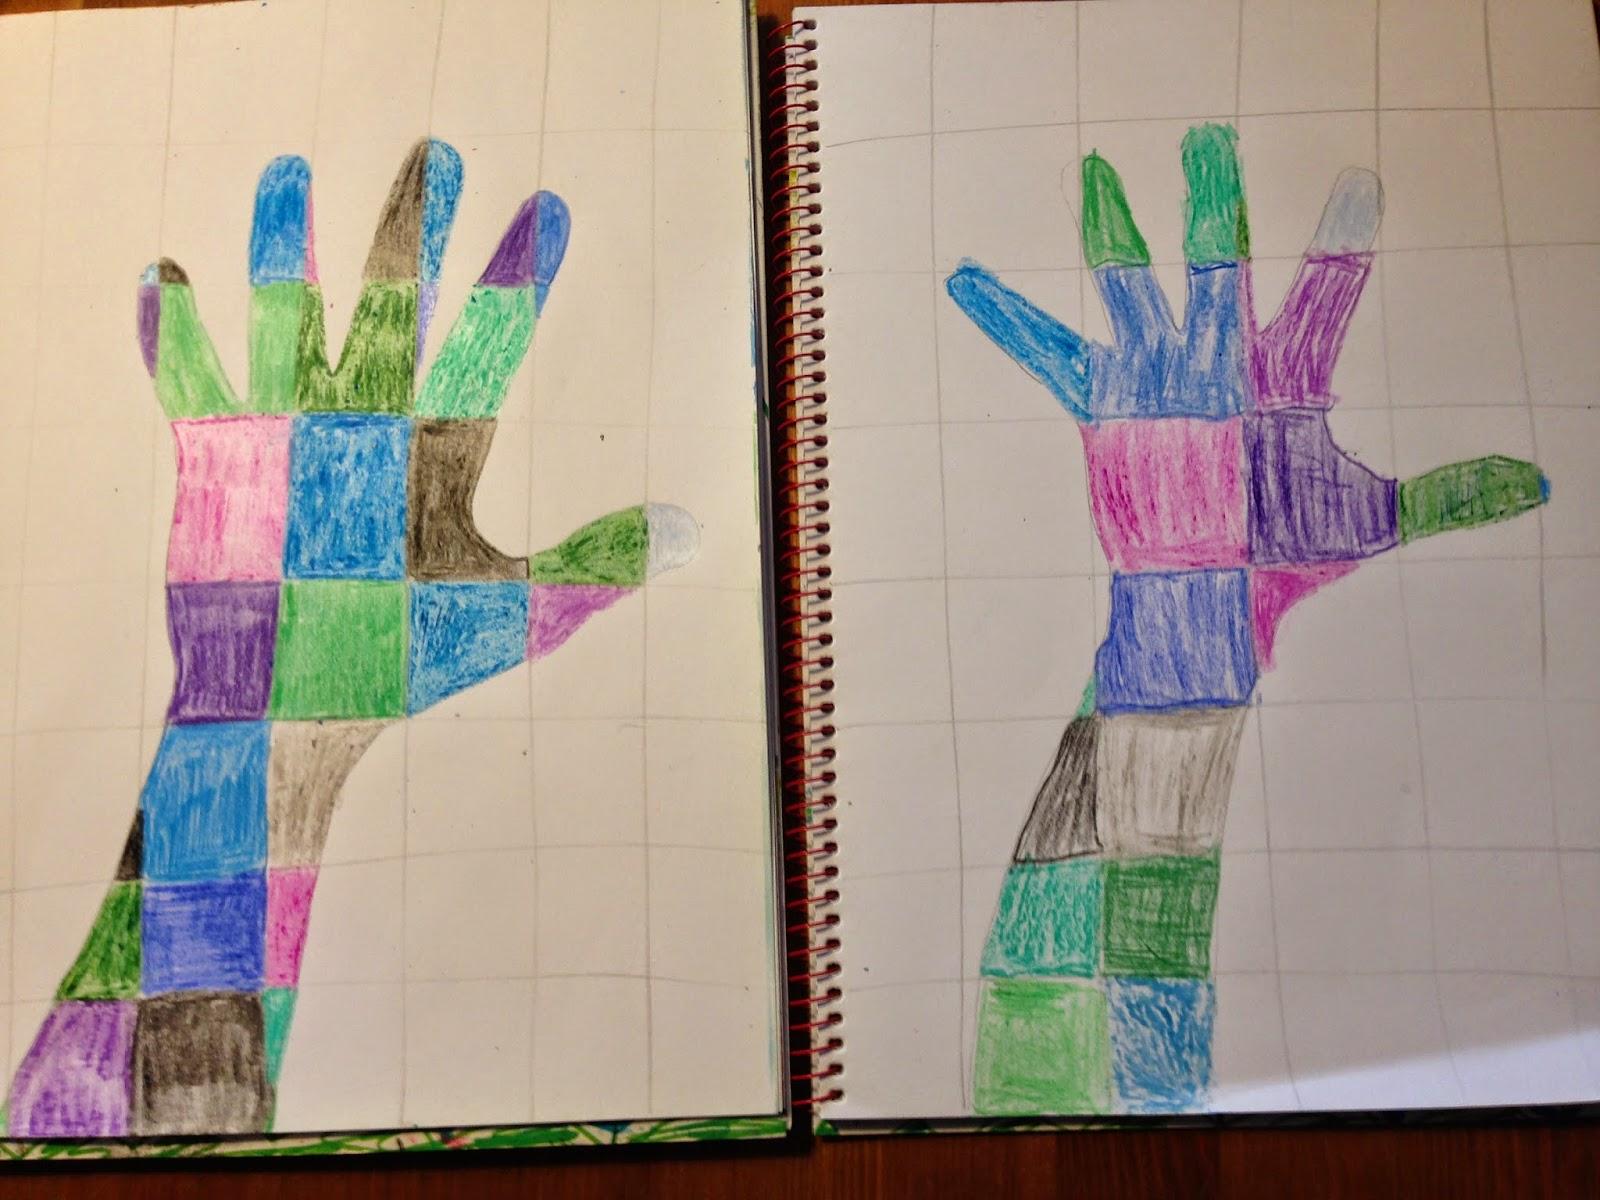 De miniklas een blog over thuisonderwijs art onze hand in warme en koude kleuren - Lijst van warme kleuren ...